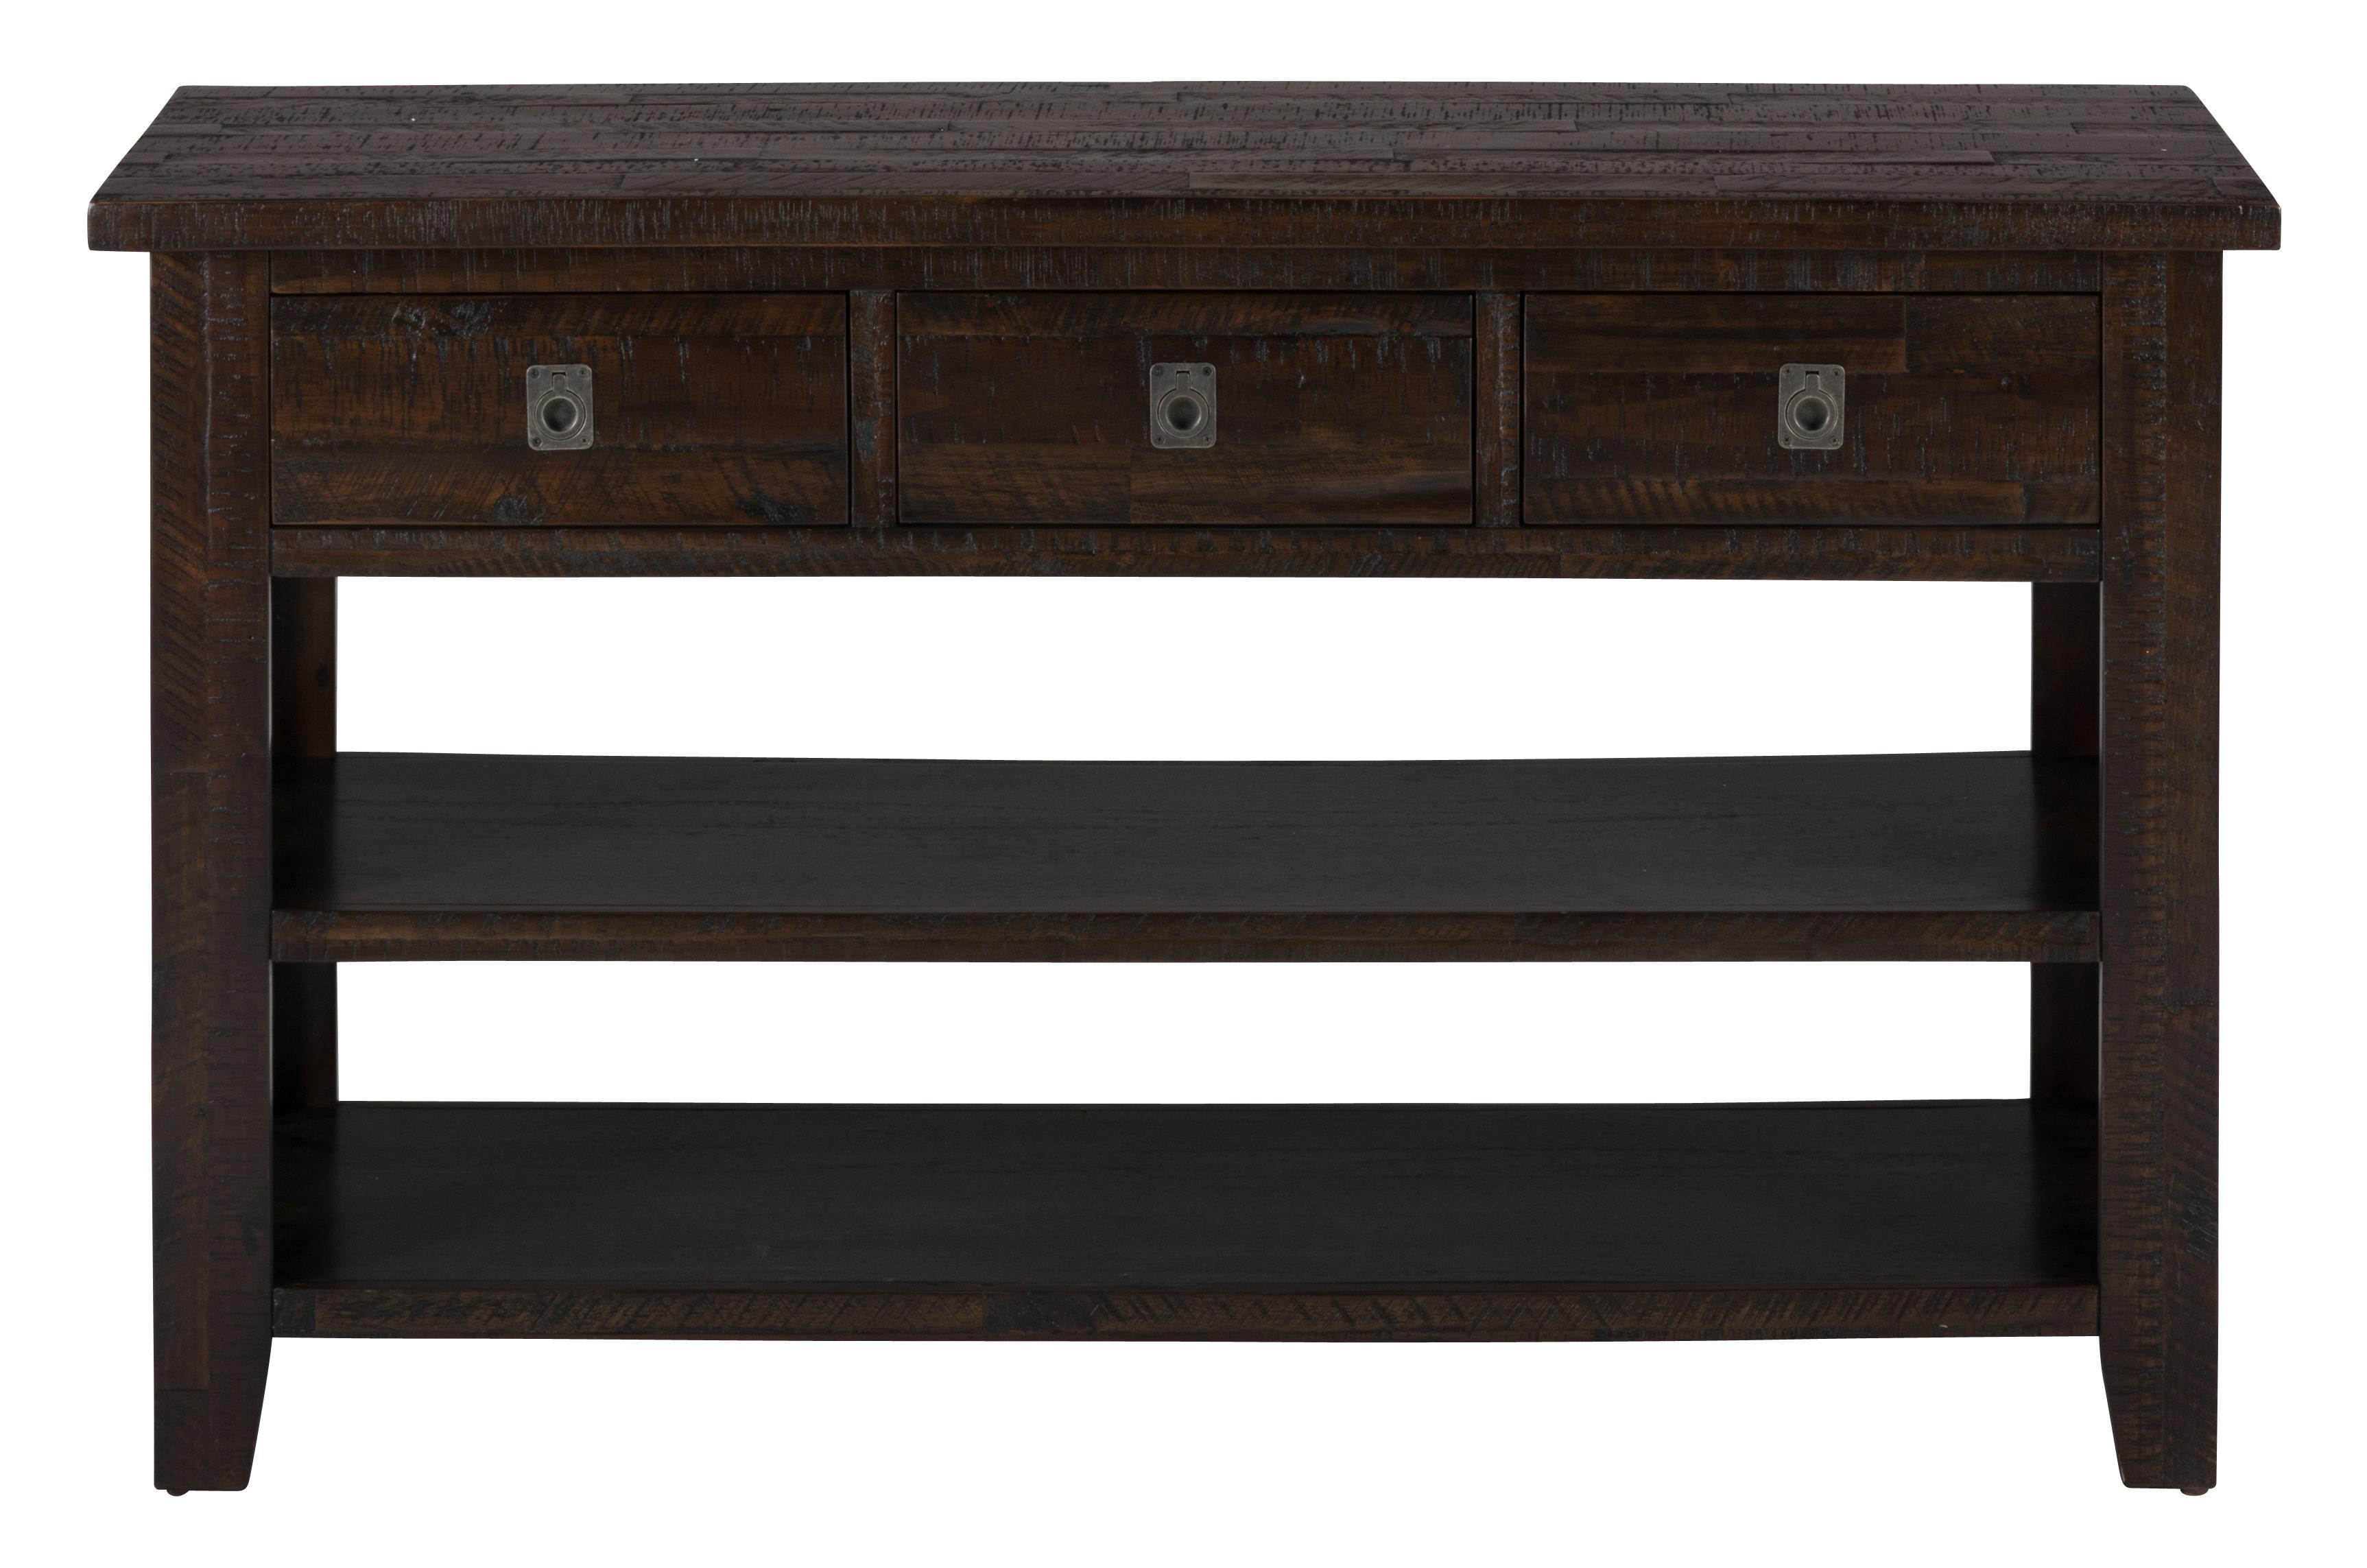 Kona Grove Sofa/Media Table by Jofran at Johnny Janosik